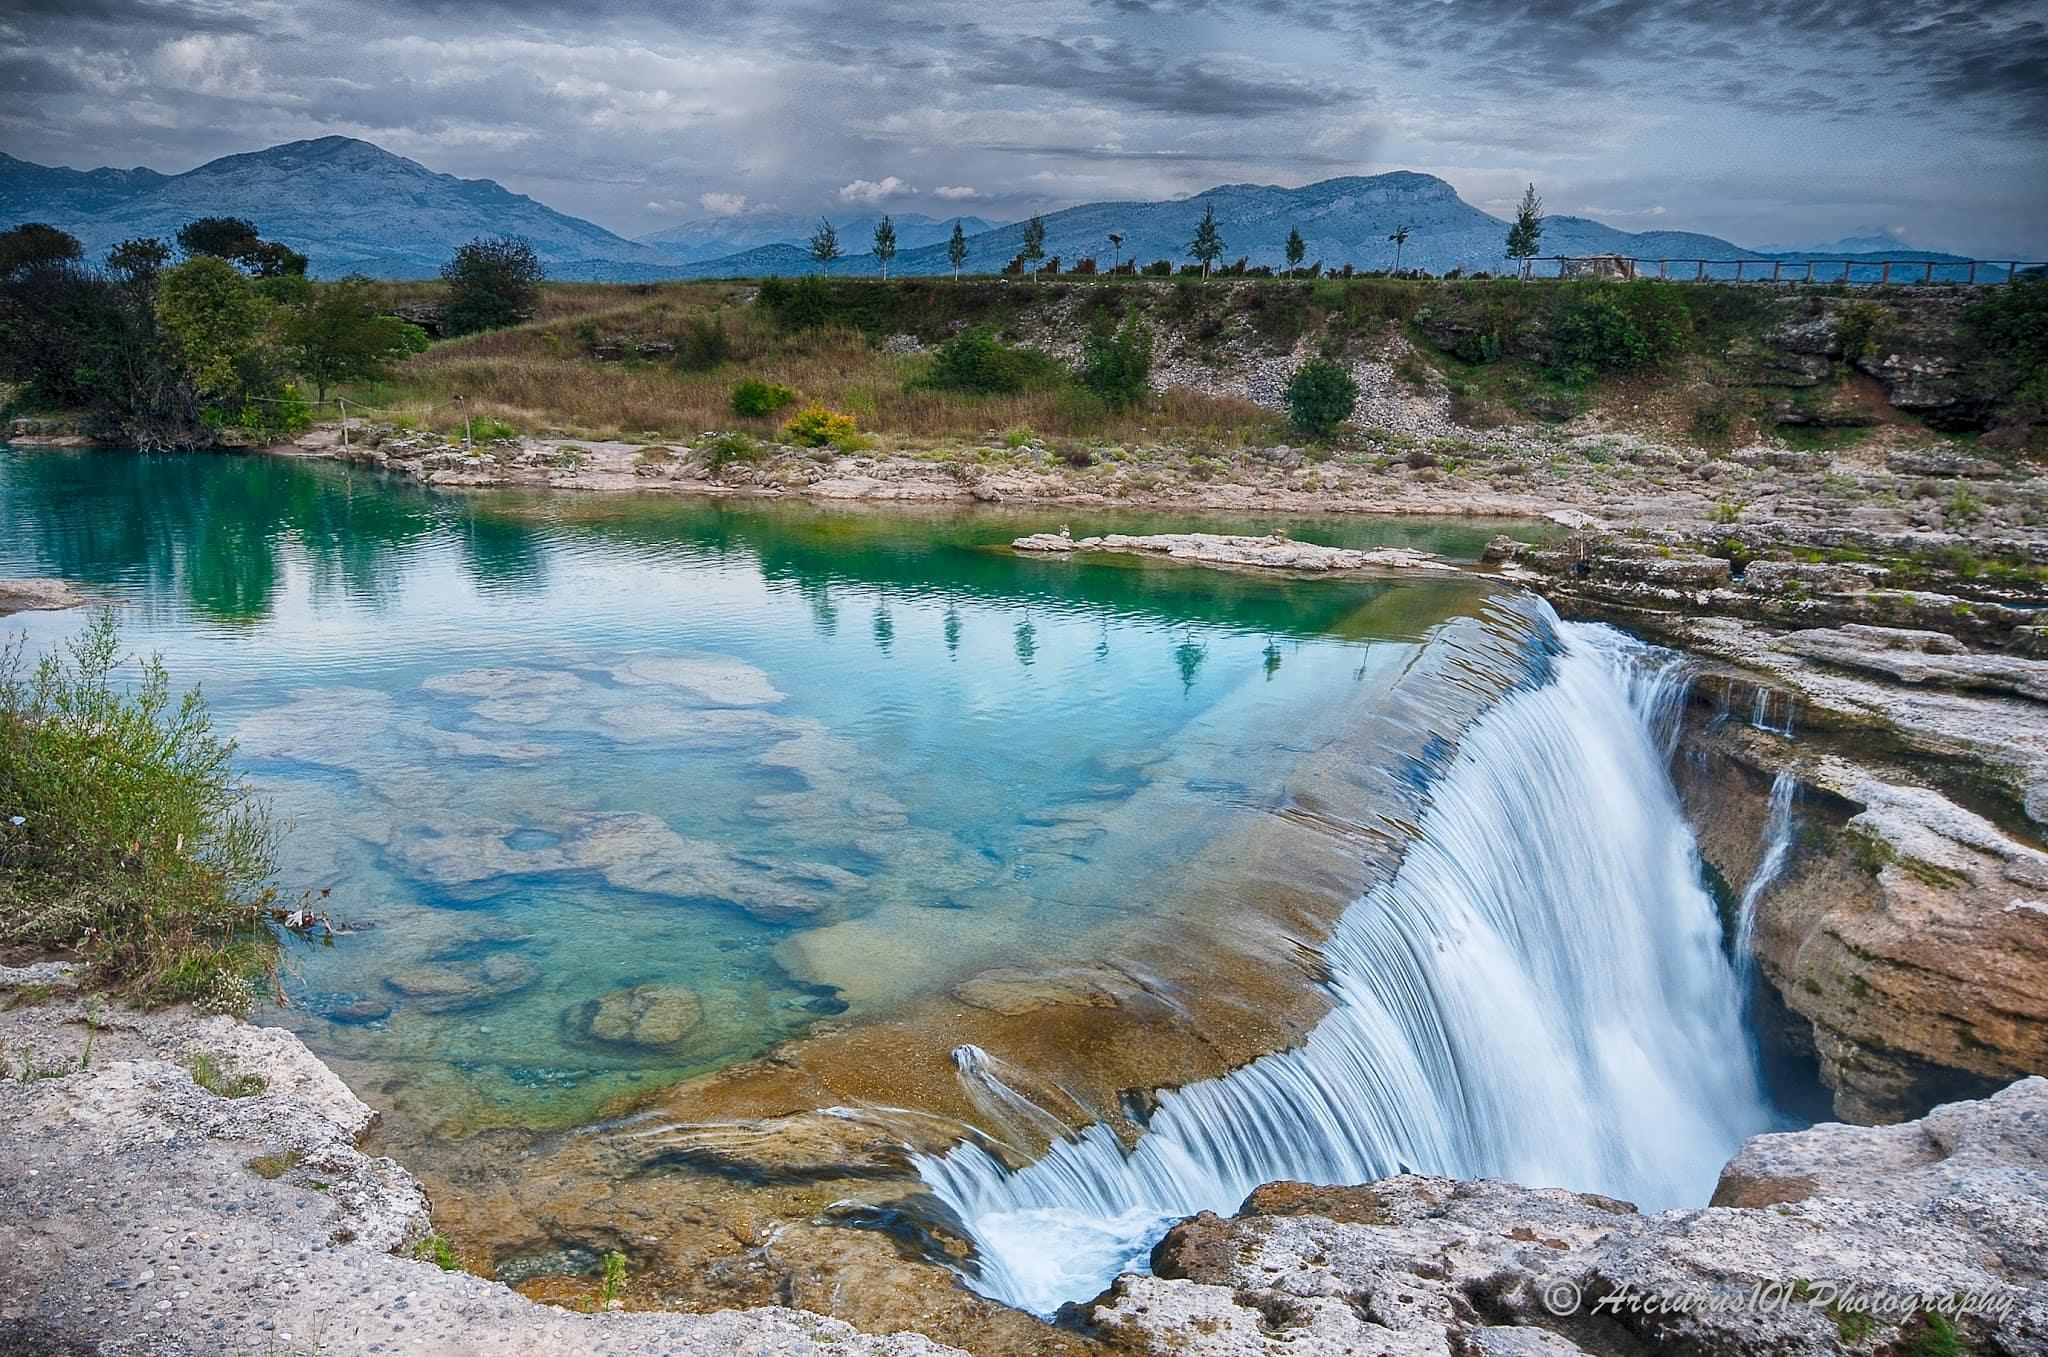 River Cijevna Waterfall, Montenegro